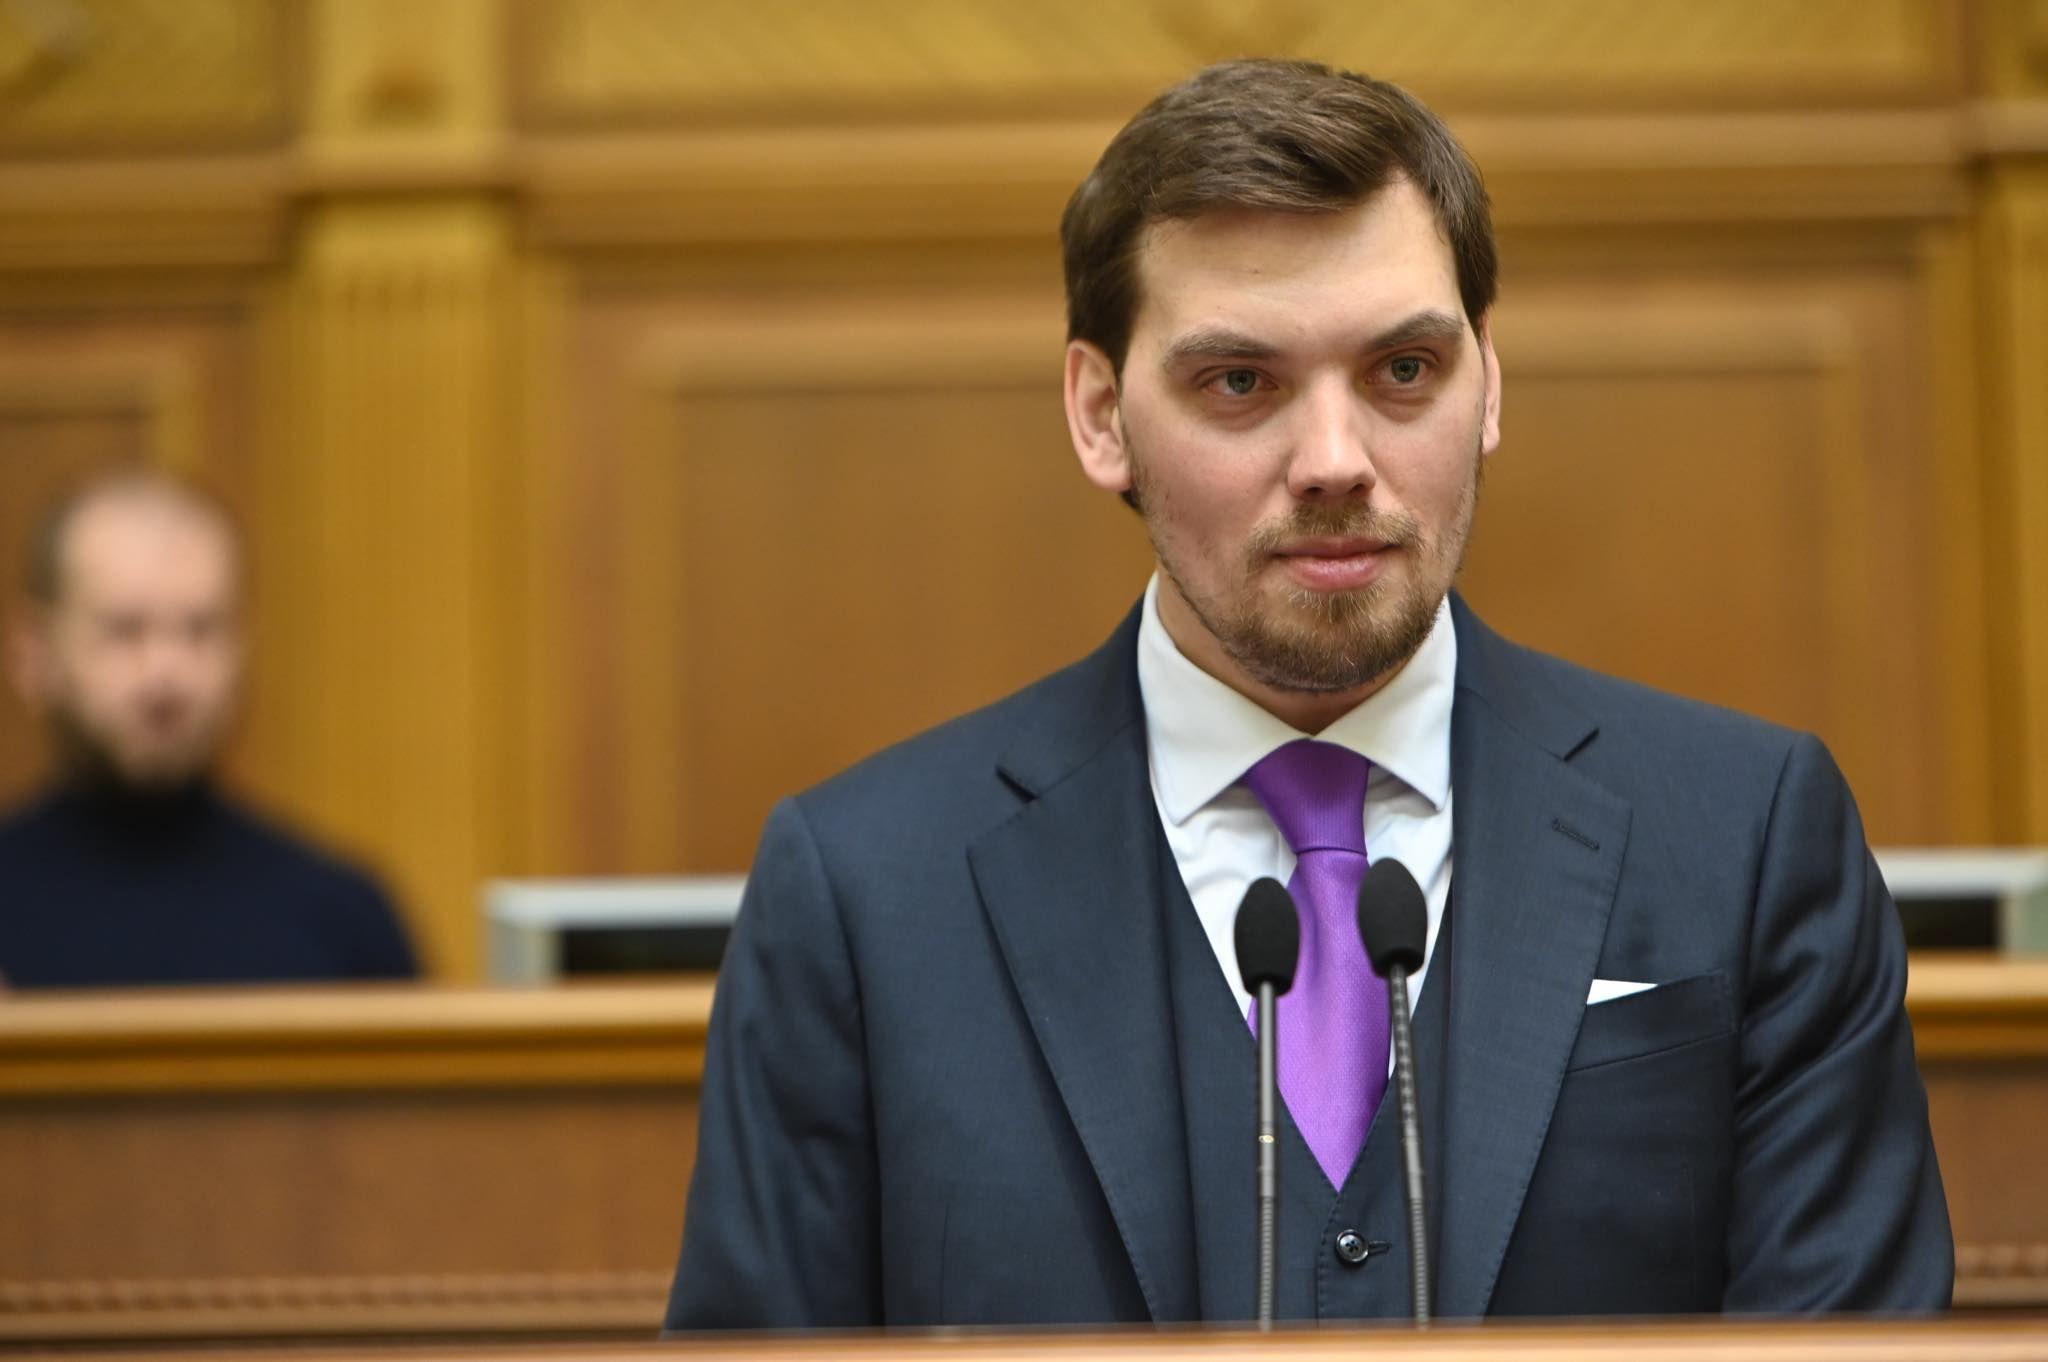 Гончарук отчитался о работе правительства: как отреагировали депутаты - 24 Канал